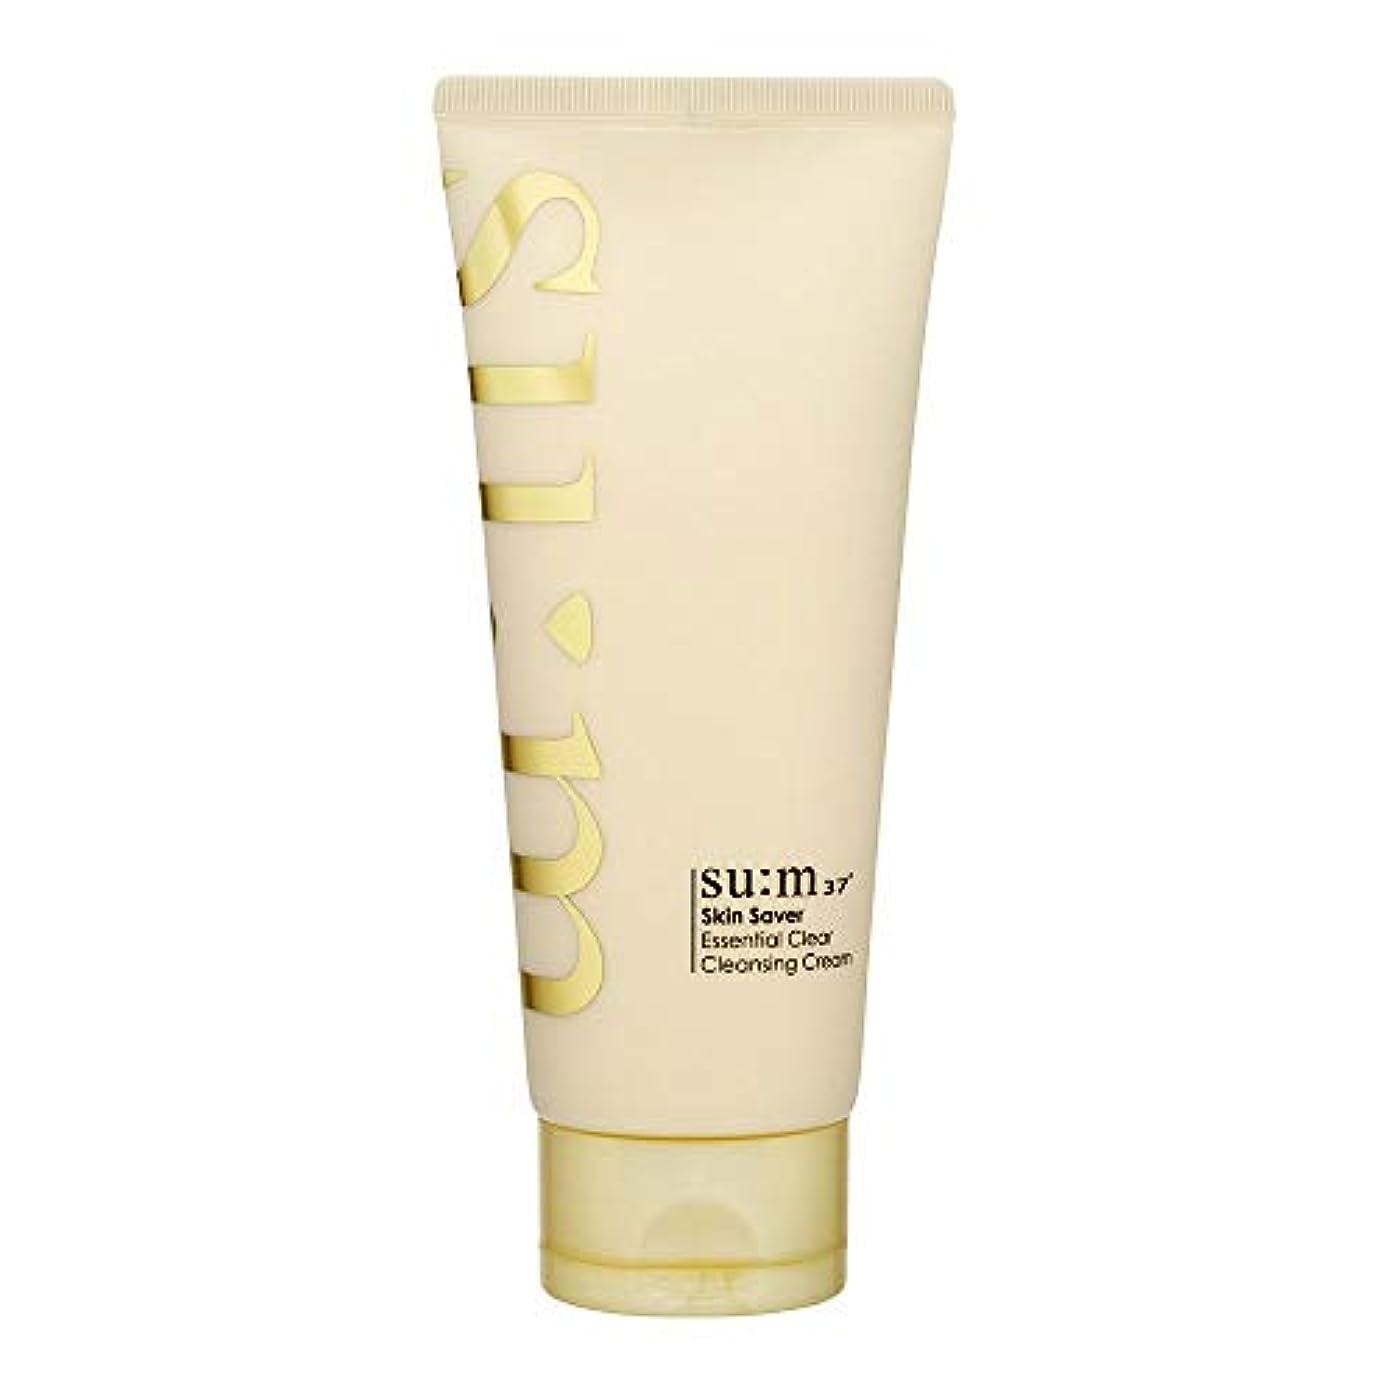 フリル吸収ホース[スム37°] Sum37° スキンセイバー エッセンシャルクリアクレンジングクリーム  Skin saver Essential Clear Cleansing Cream (海外直送品) [並行輸入品]